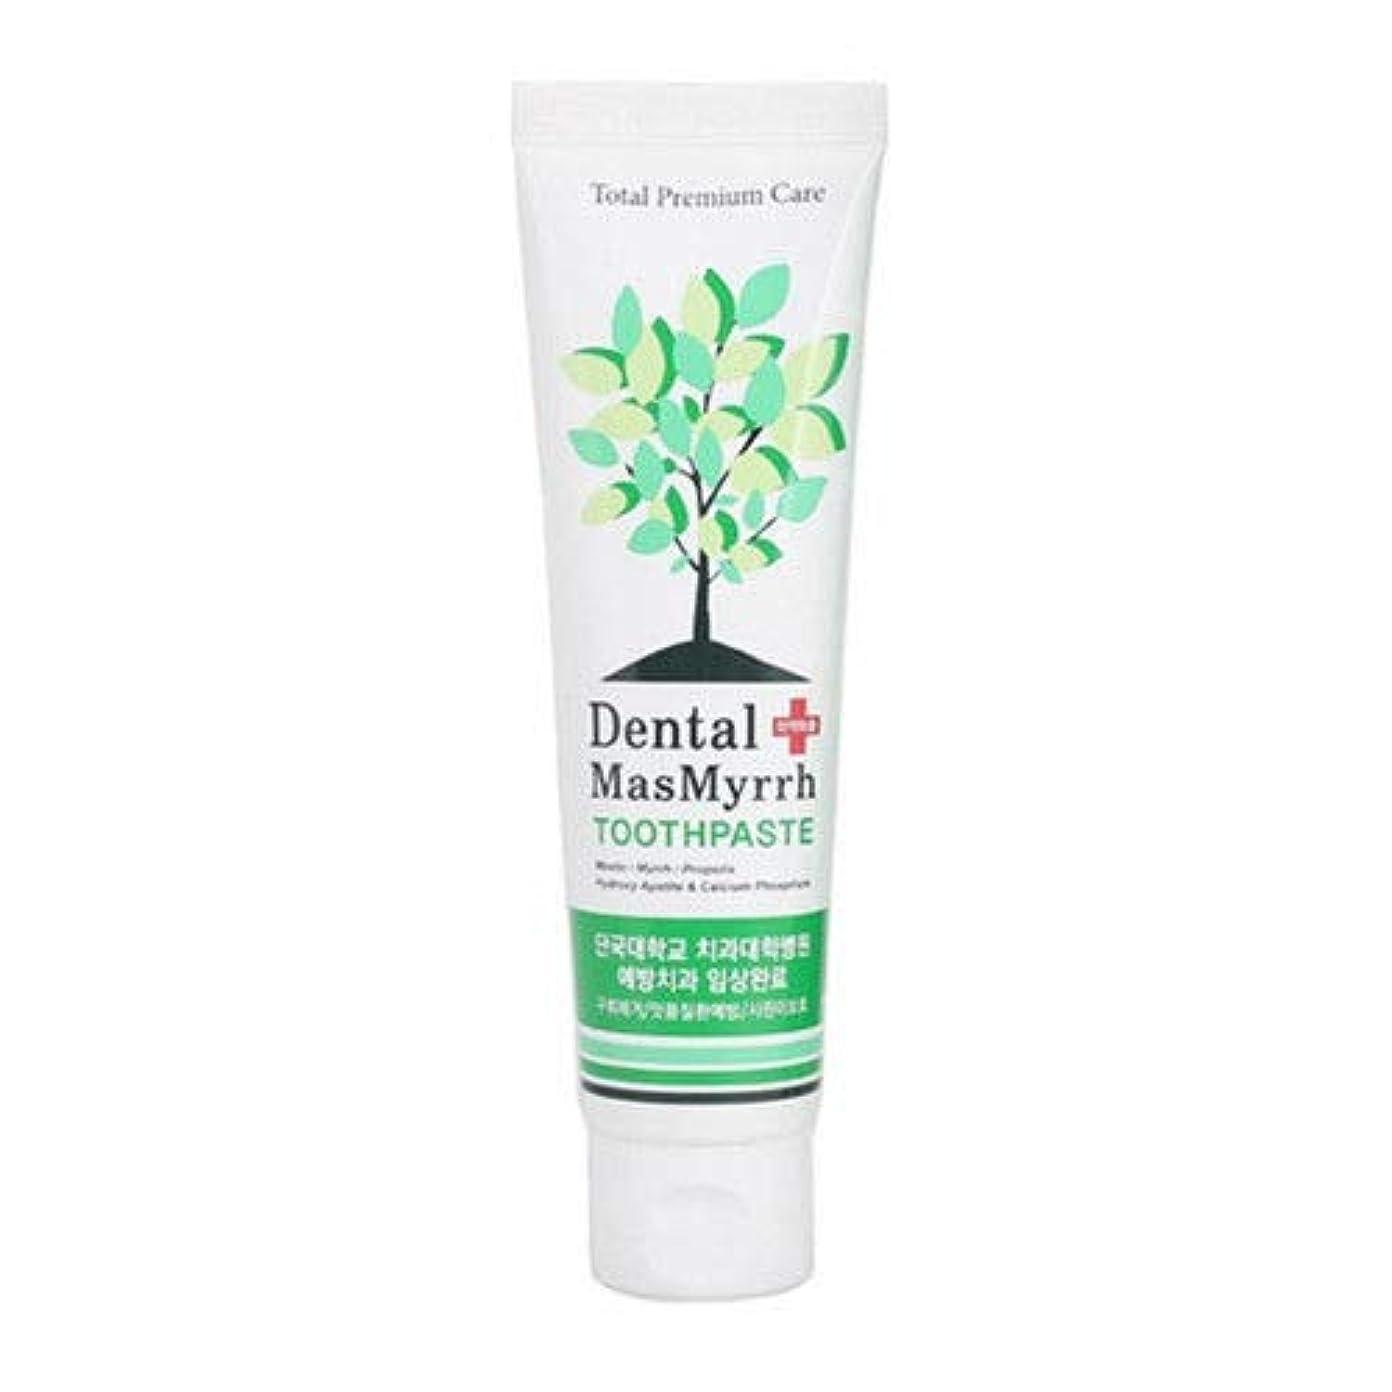 登録する強風姪天然 ナチュラル キシリトール 歯磨き粉 Natural Hernal Xylitol Anti-plague PBL Tube 歯科用 ハミガキ粉 - 130g[並行輸入品]